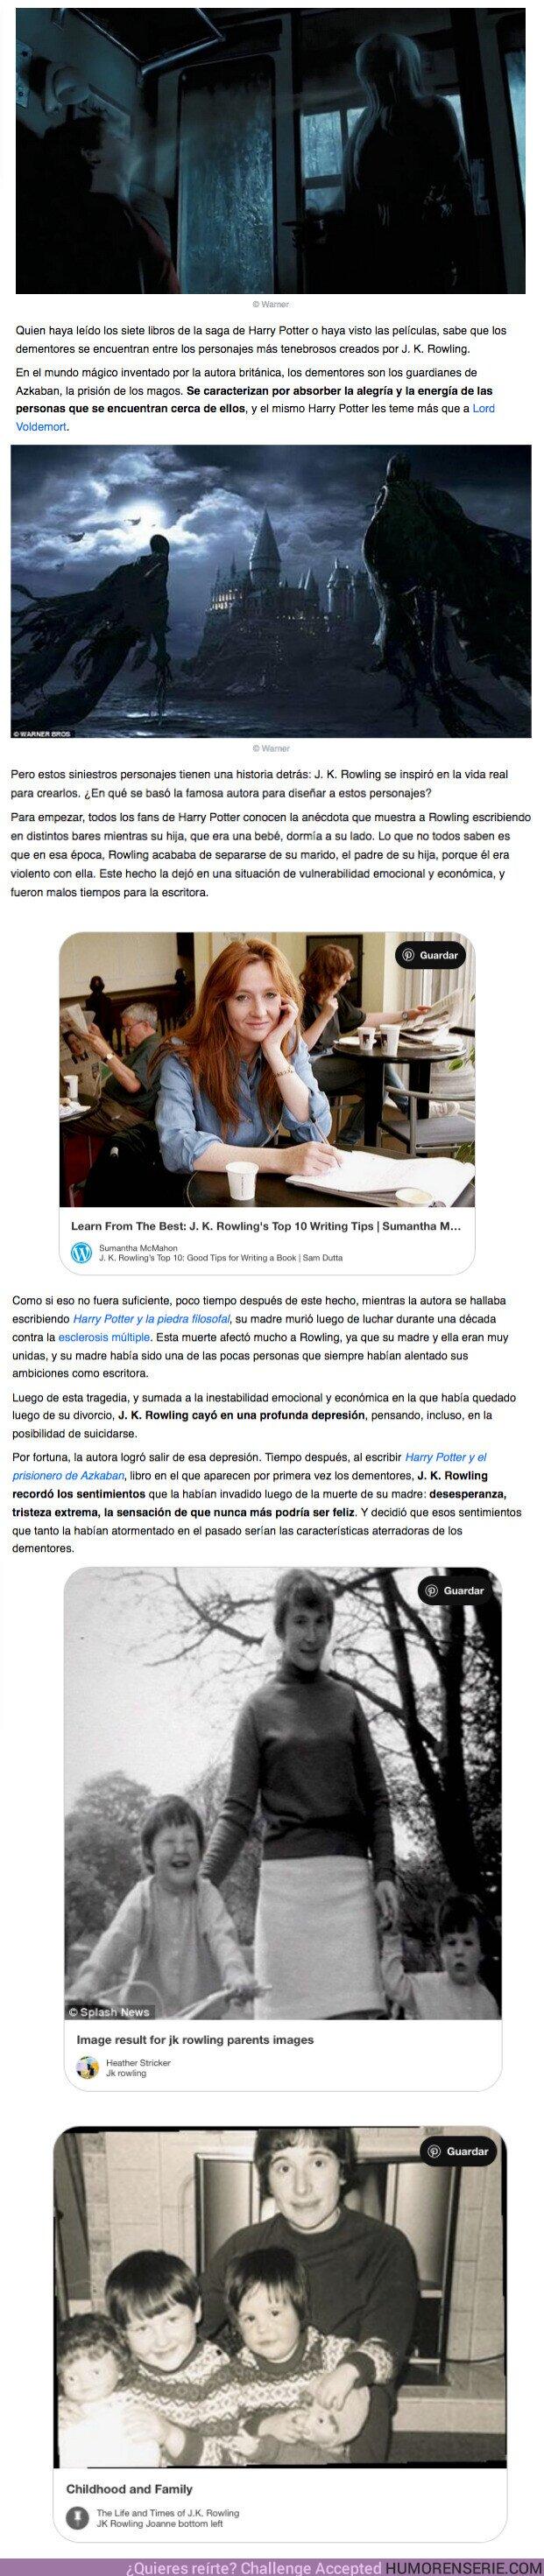 60406 - GALERÍA: La emotiva razón que inspiró a J.K. Rowling para crear a los dementores